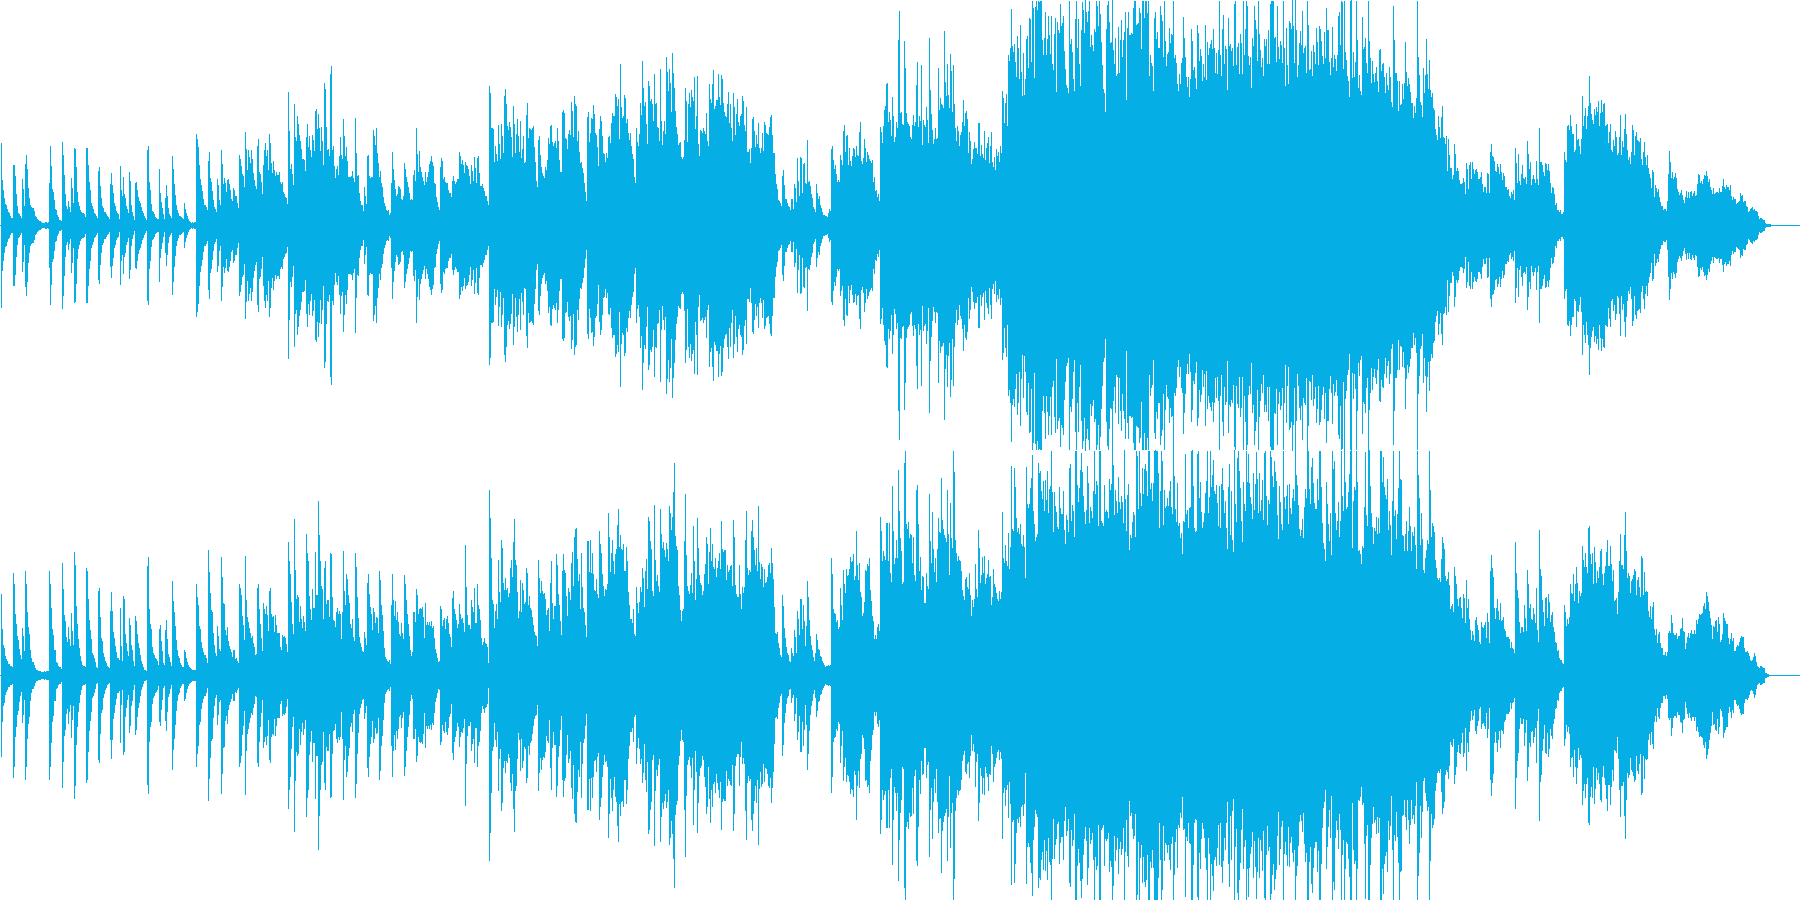 企業VP5 16bit44kHzVerの再生済みの波形